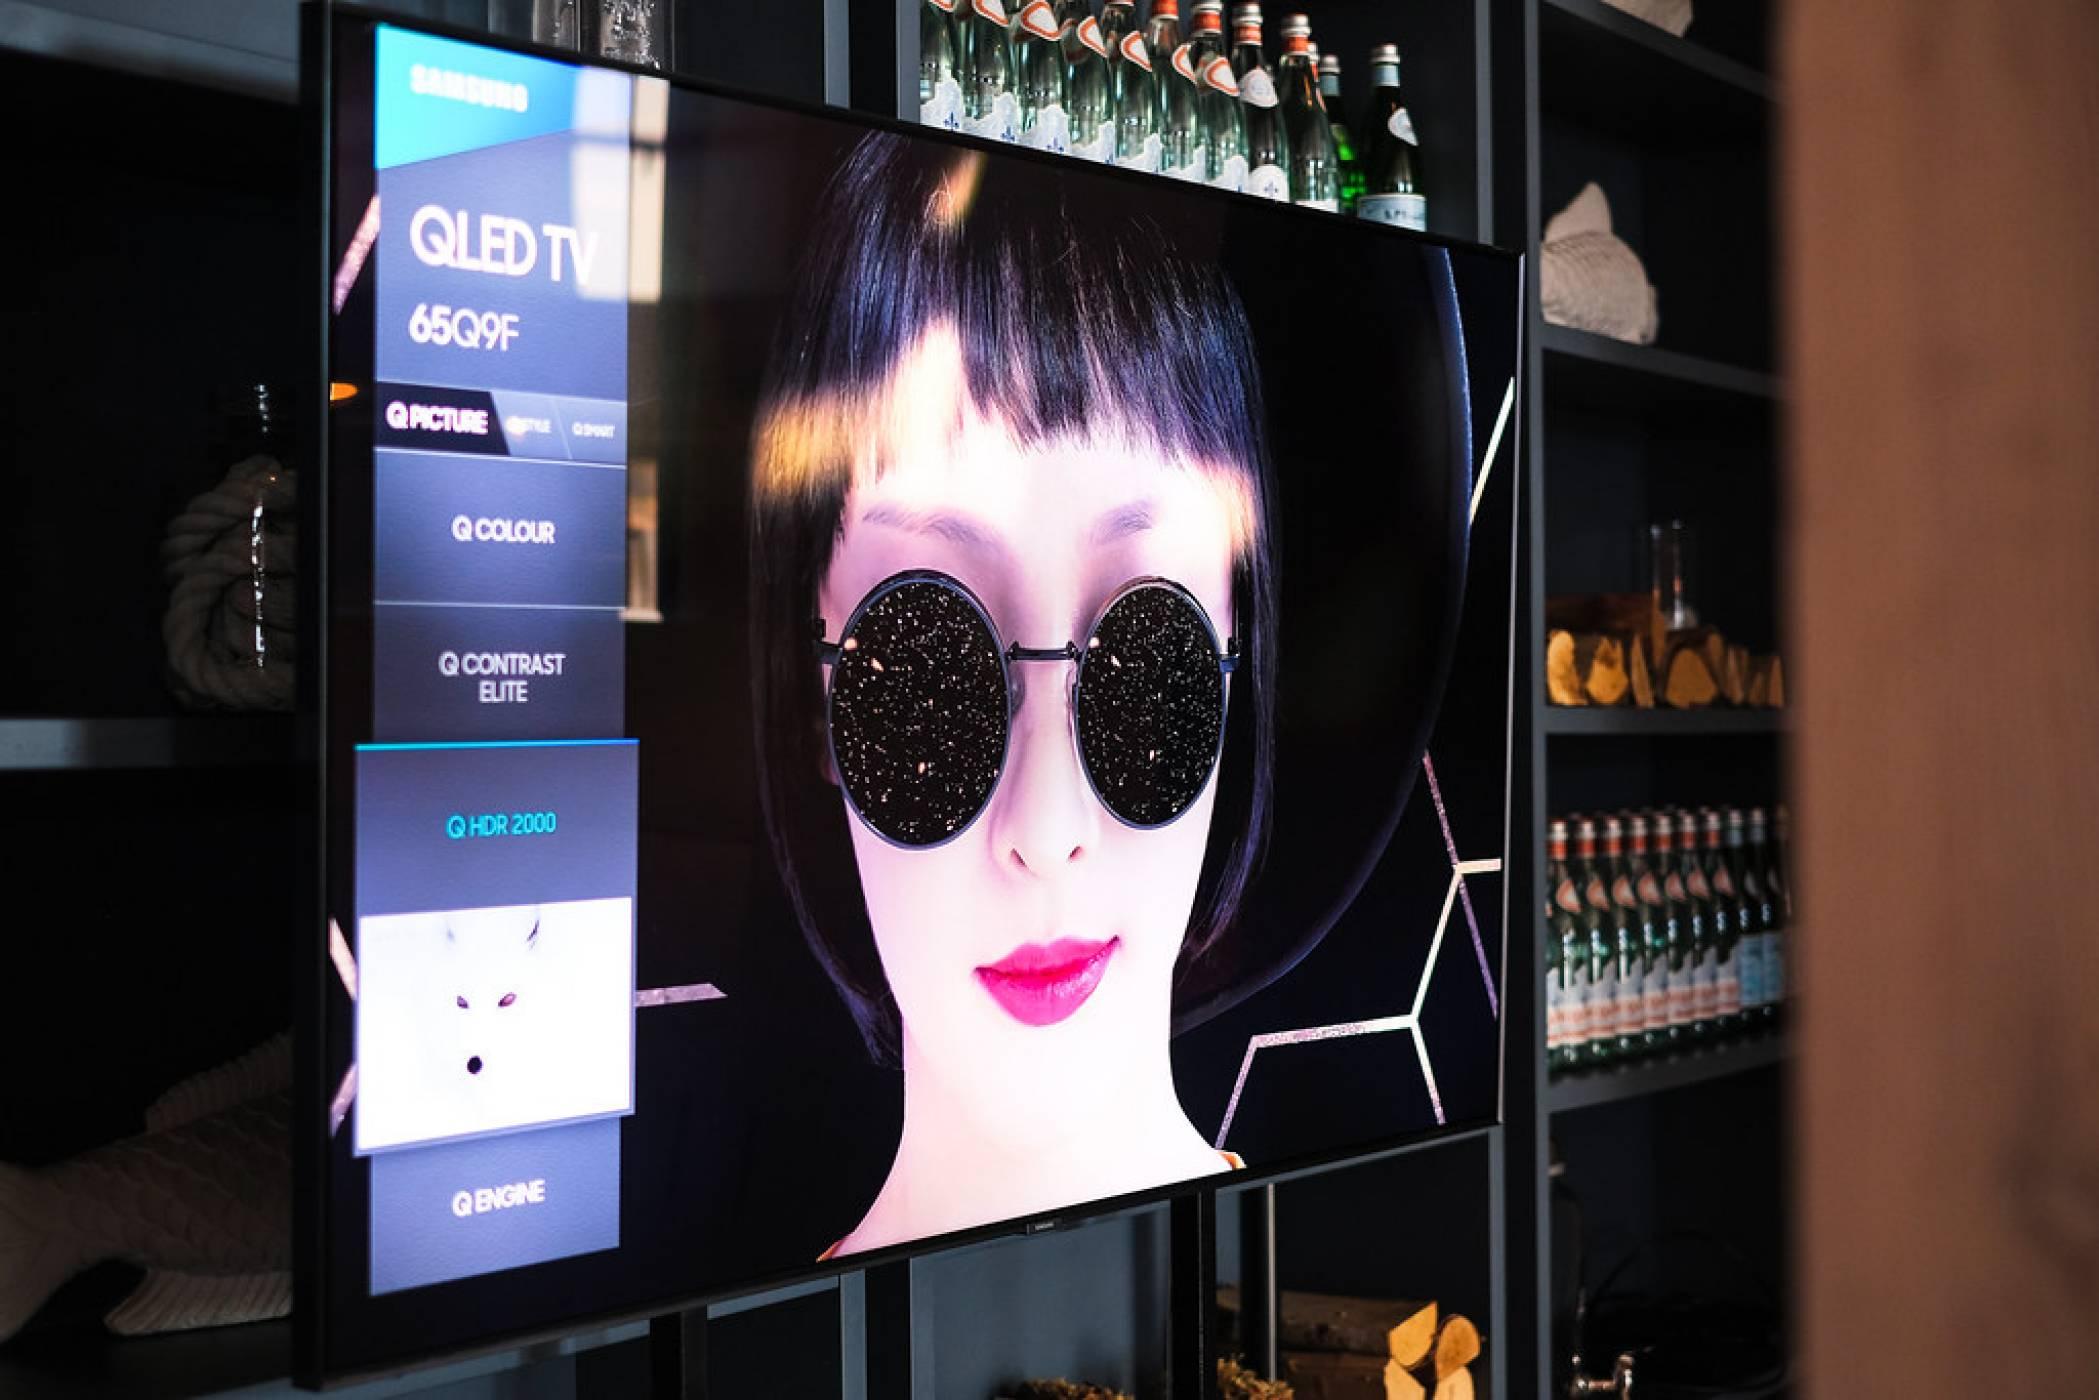 Първият телевизор на OnePlus има 3 GB RAM памет  (може да се чете и пуска)